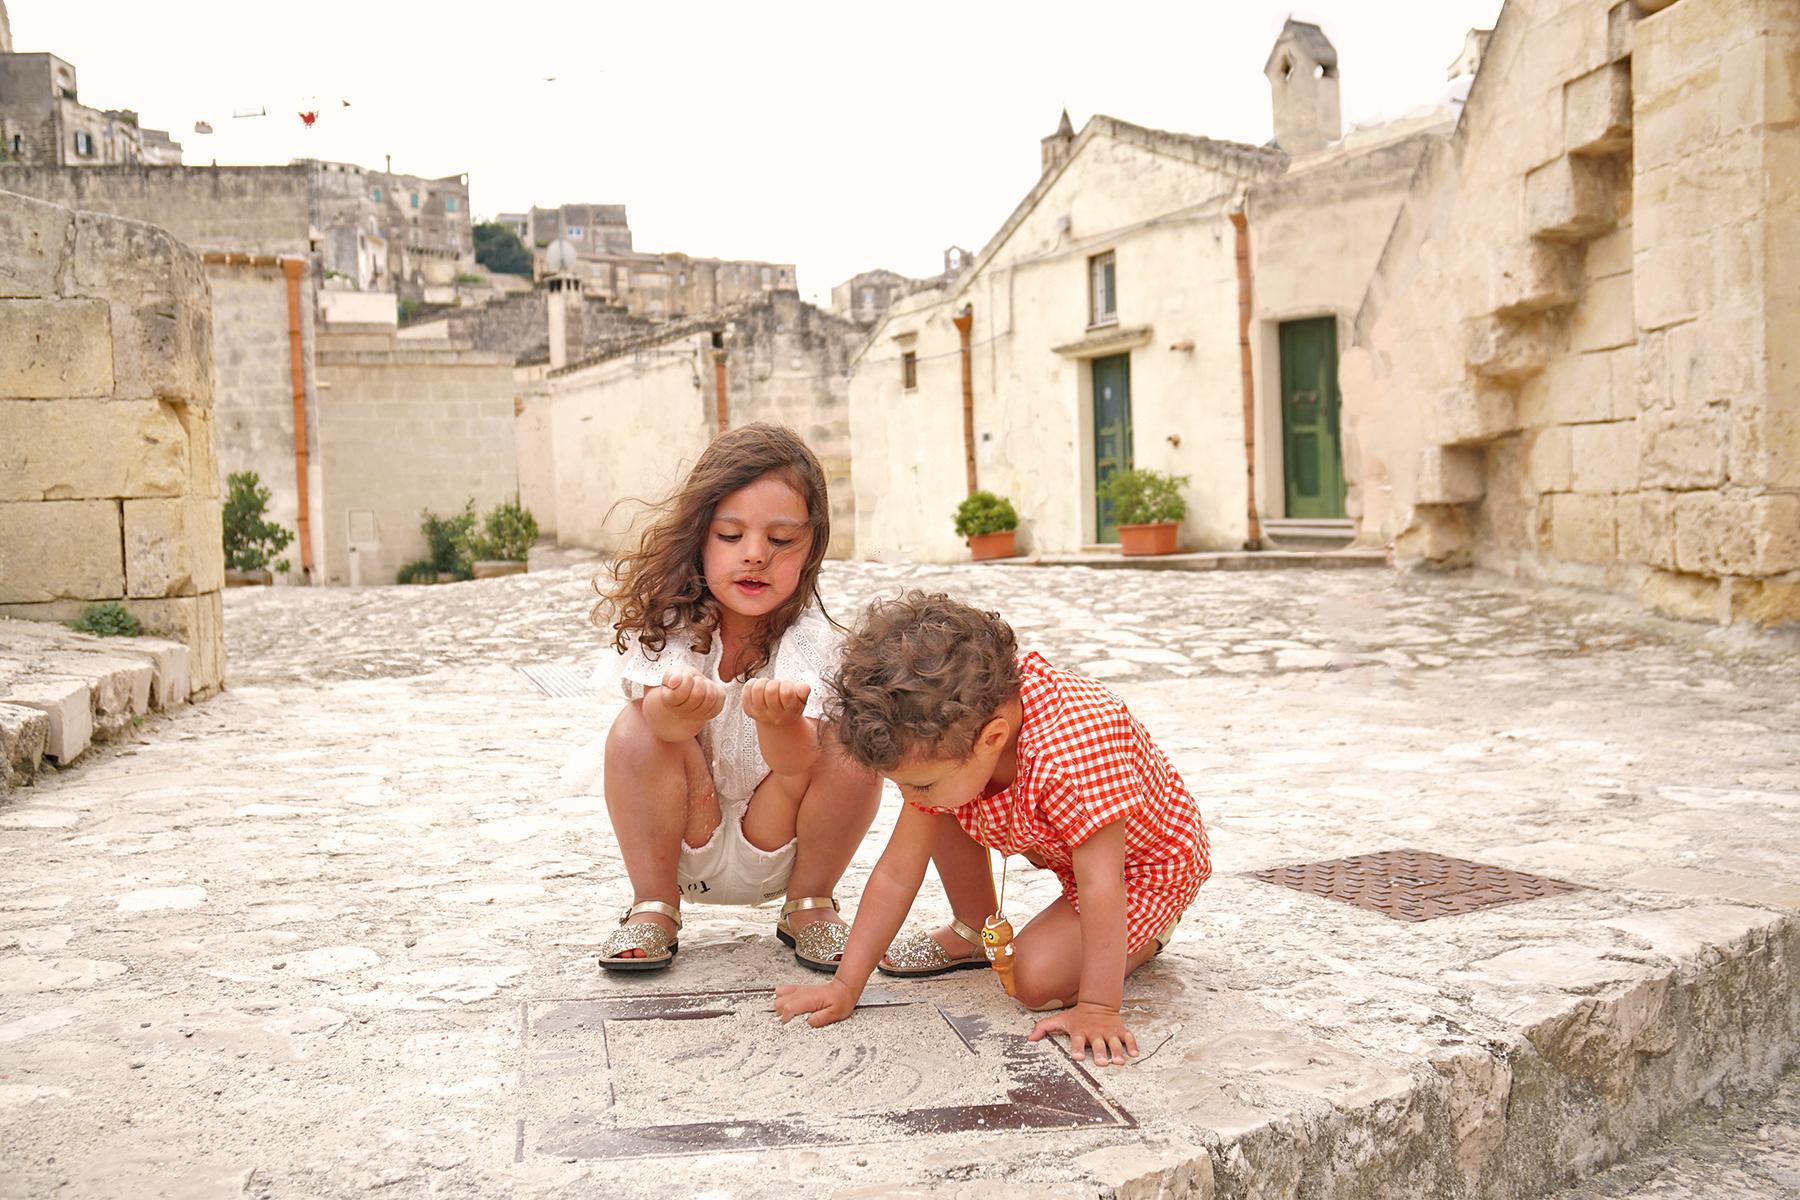 Petites filles qui jouent Matera, Italie